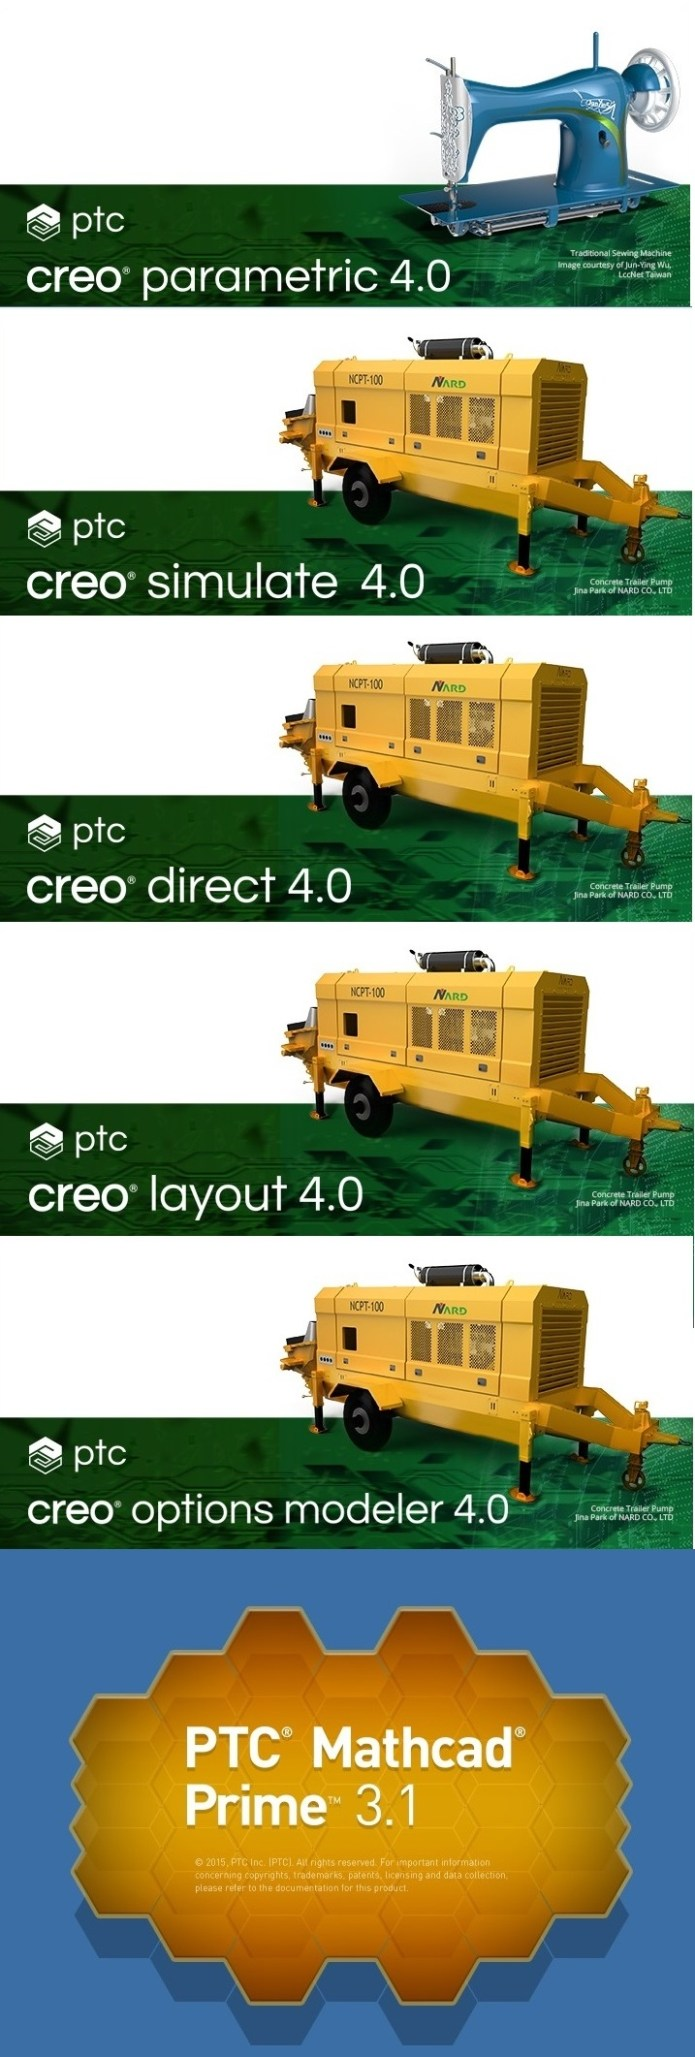 PTC Creo 4.0 F000 full software